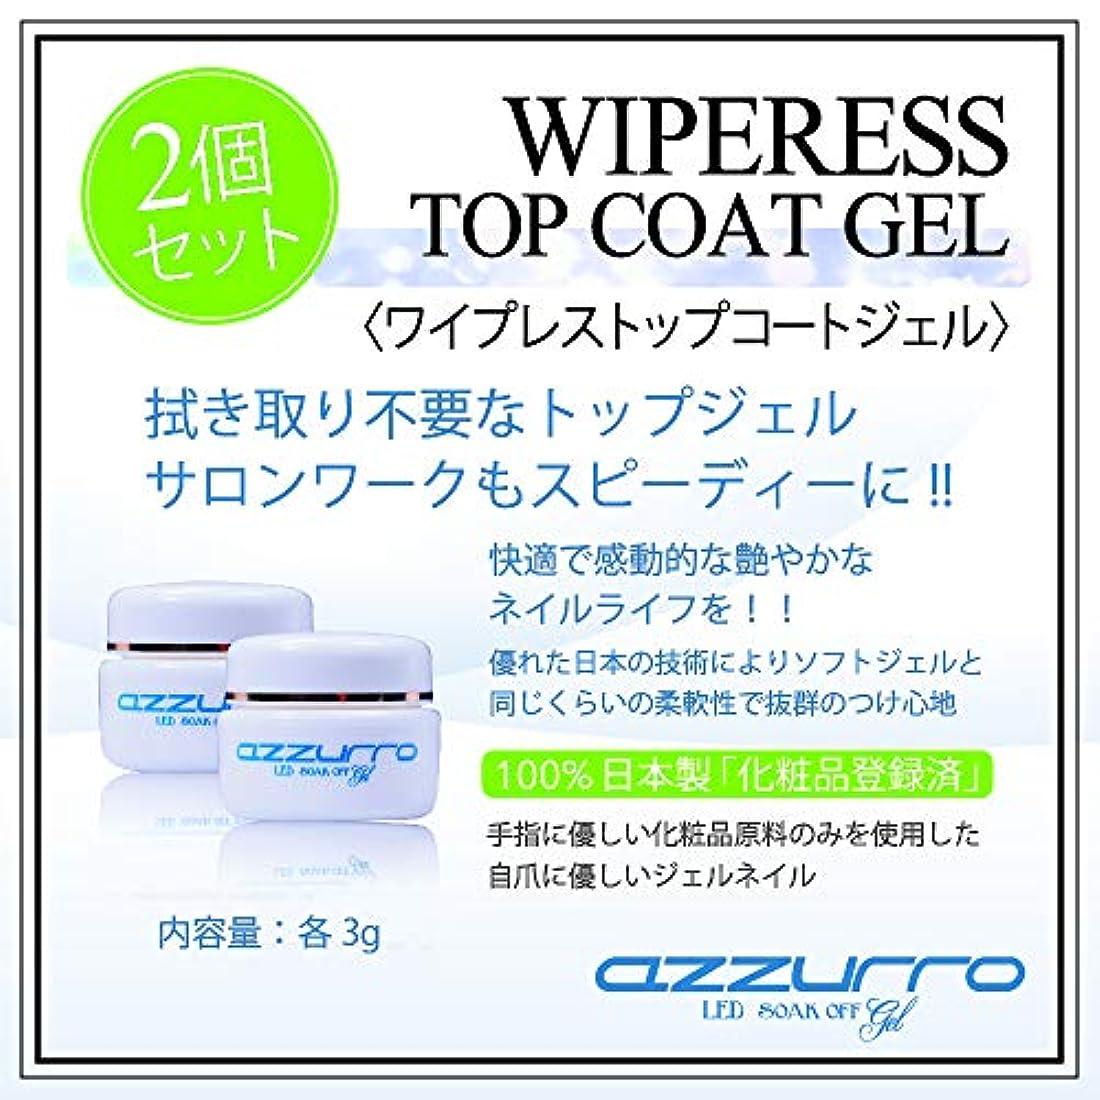 凍結任命する発見azzurro gel アッズーロ ノンワイプトップジェル 3g お得な2個セット